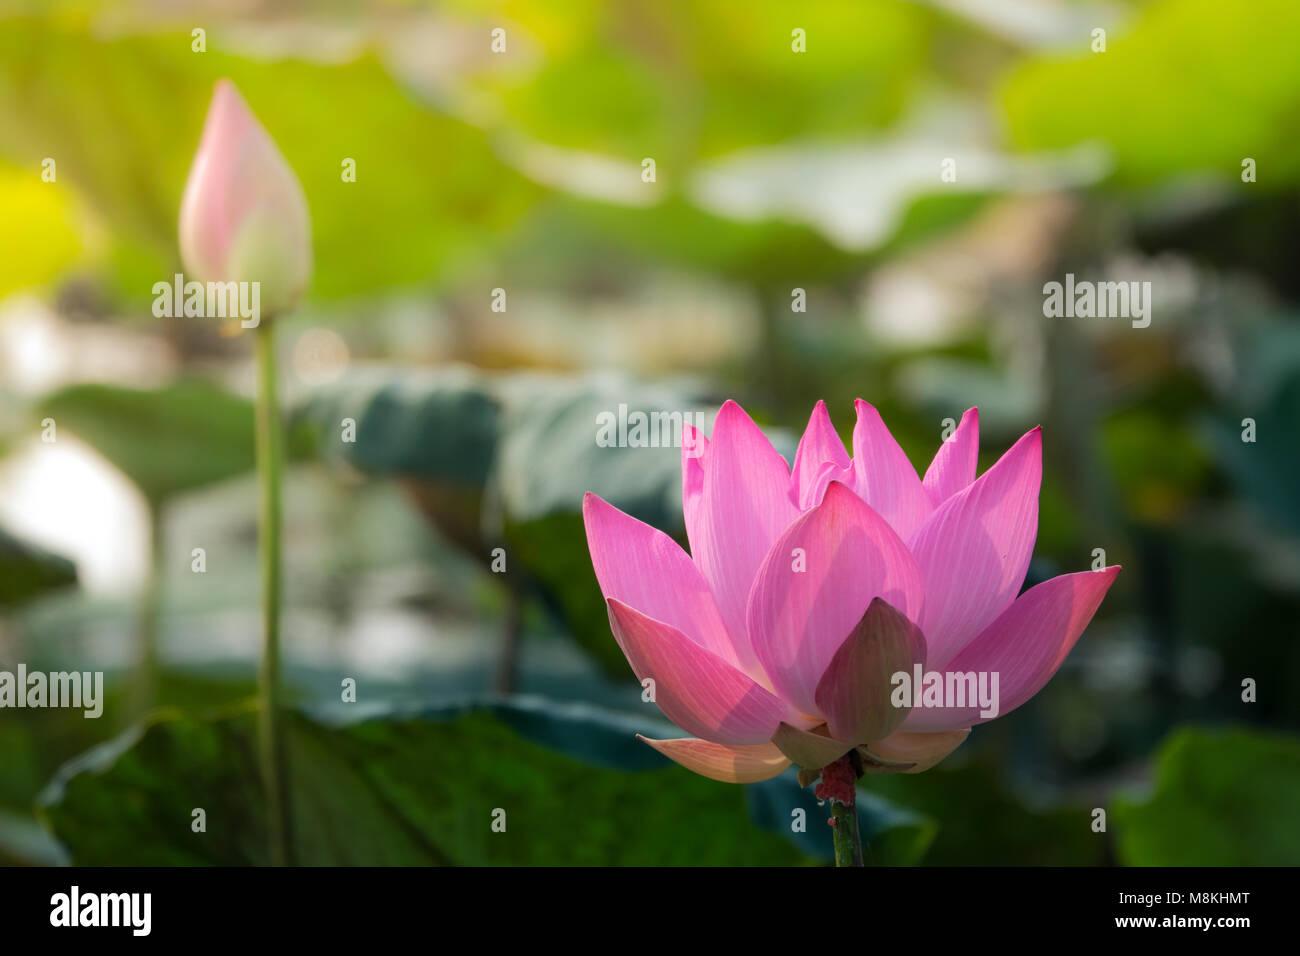 pink lotus flower royalty